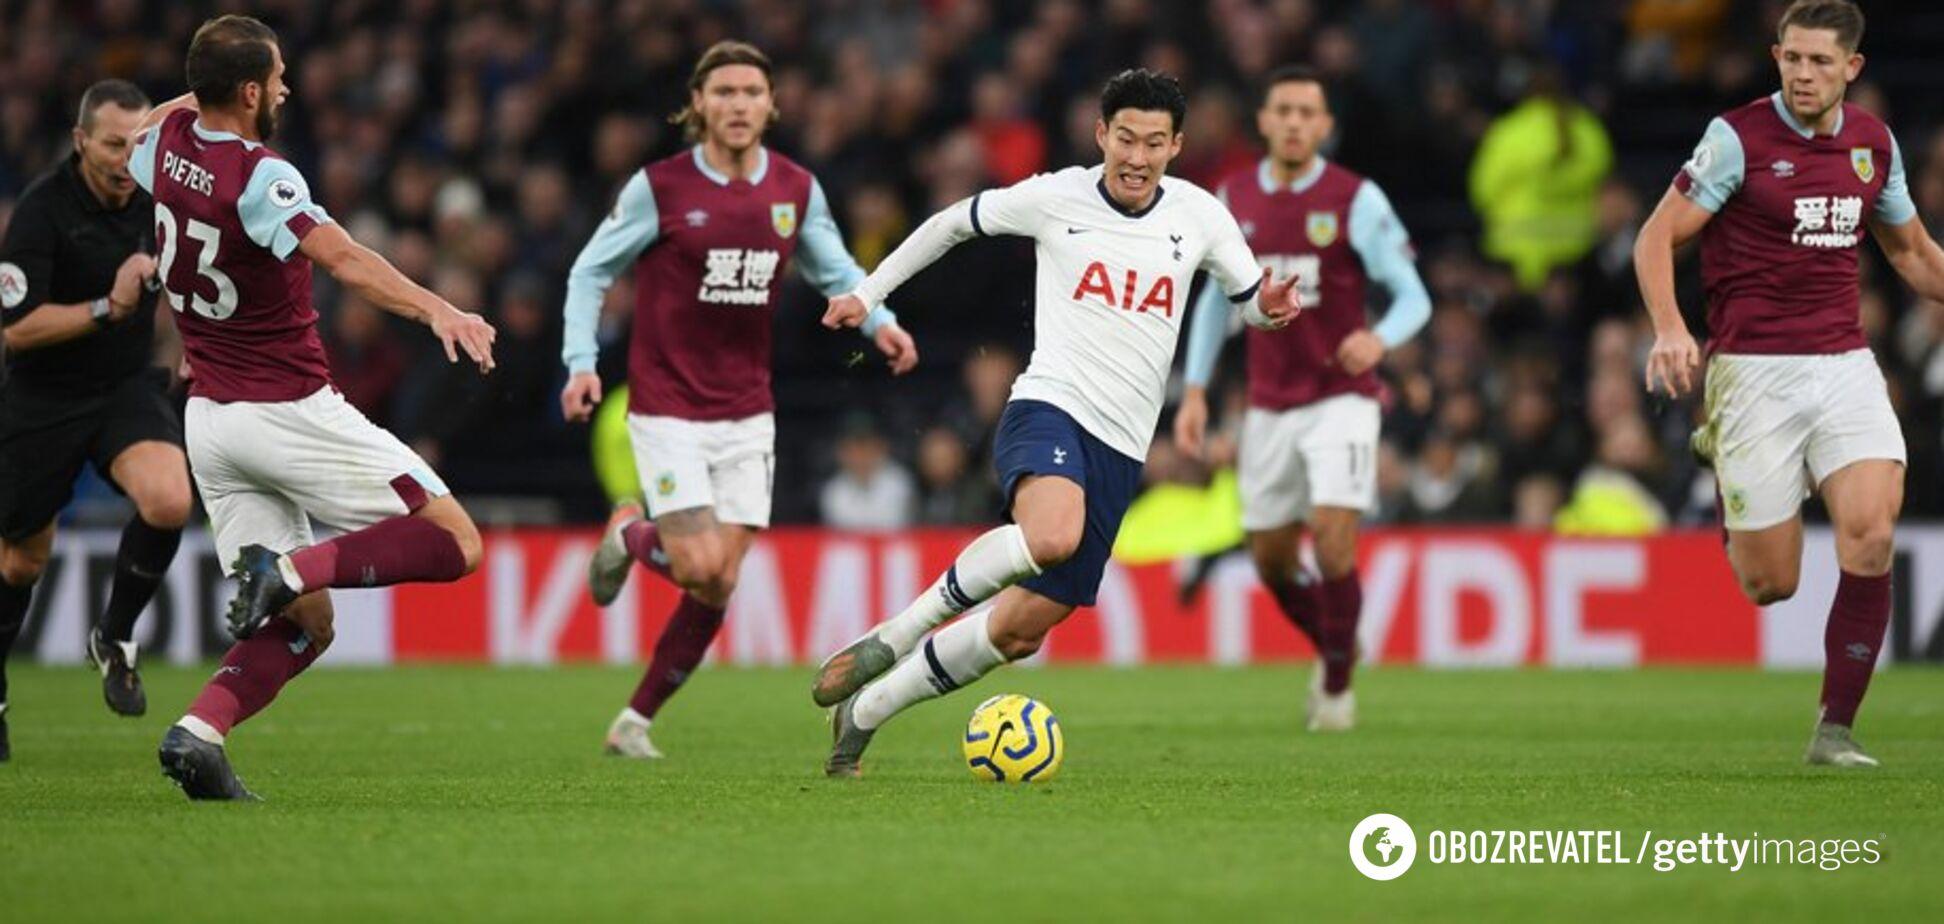 Футболіст в Англії забив 'один з найвеличнiших голів в історії'